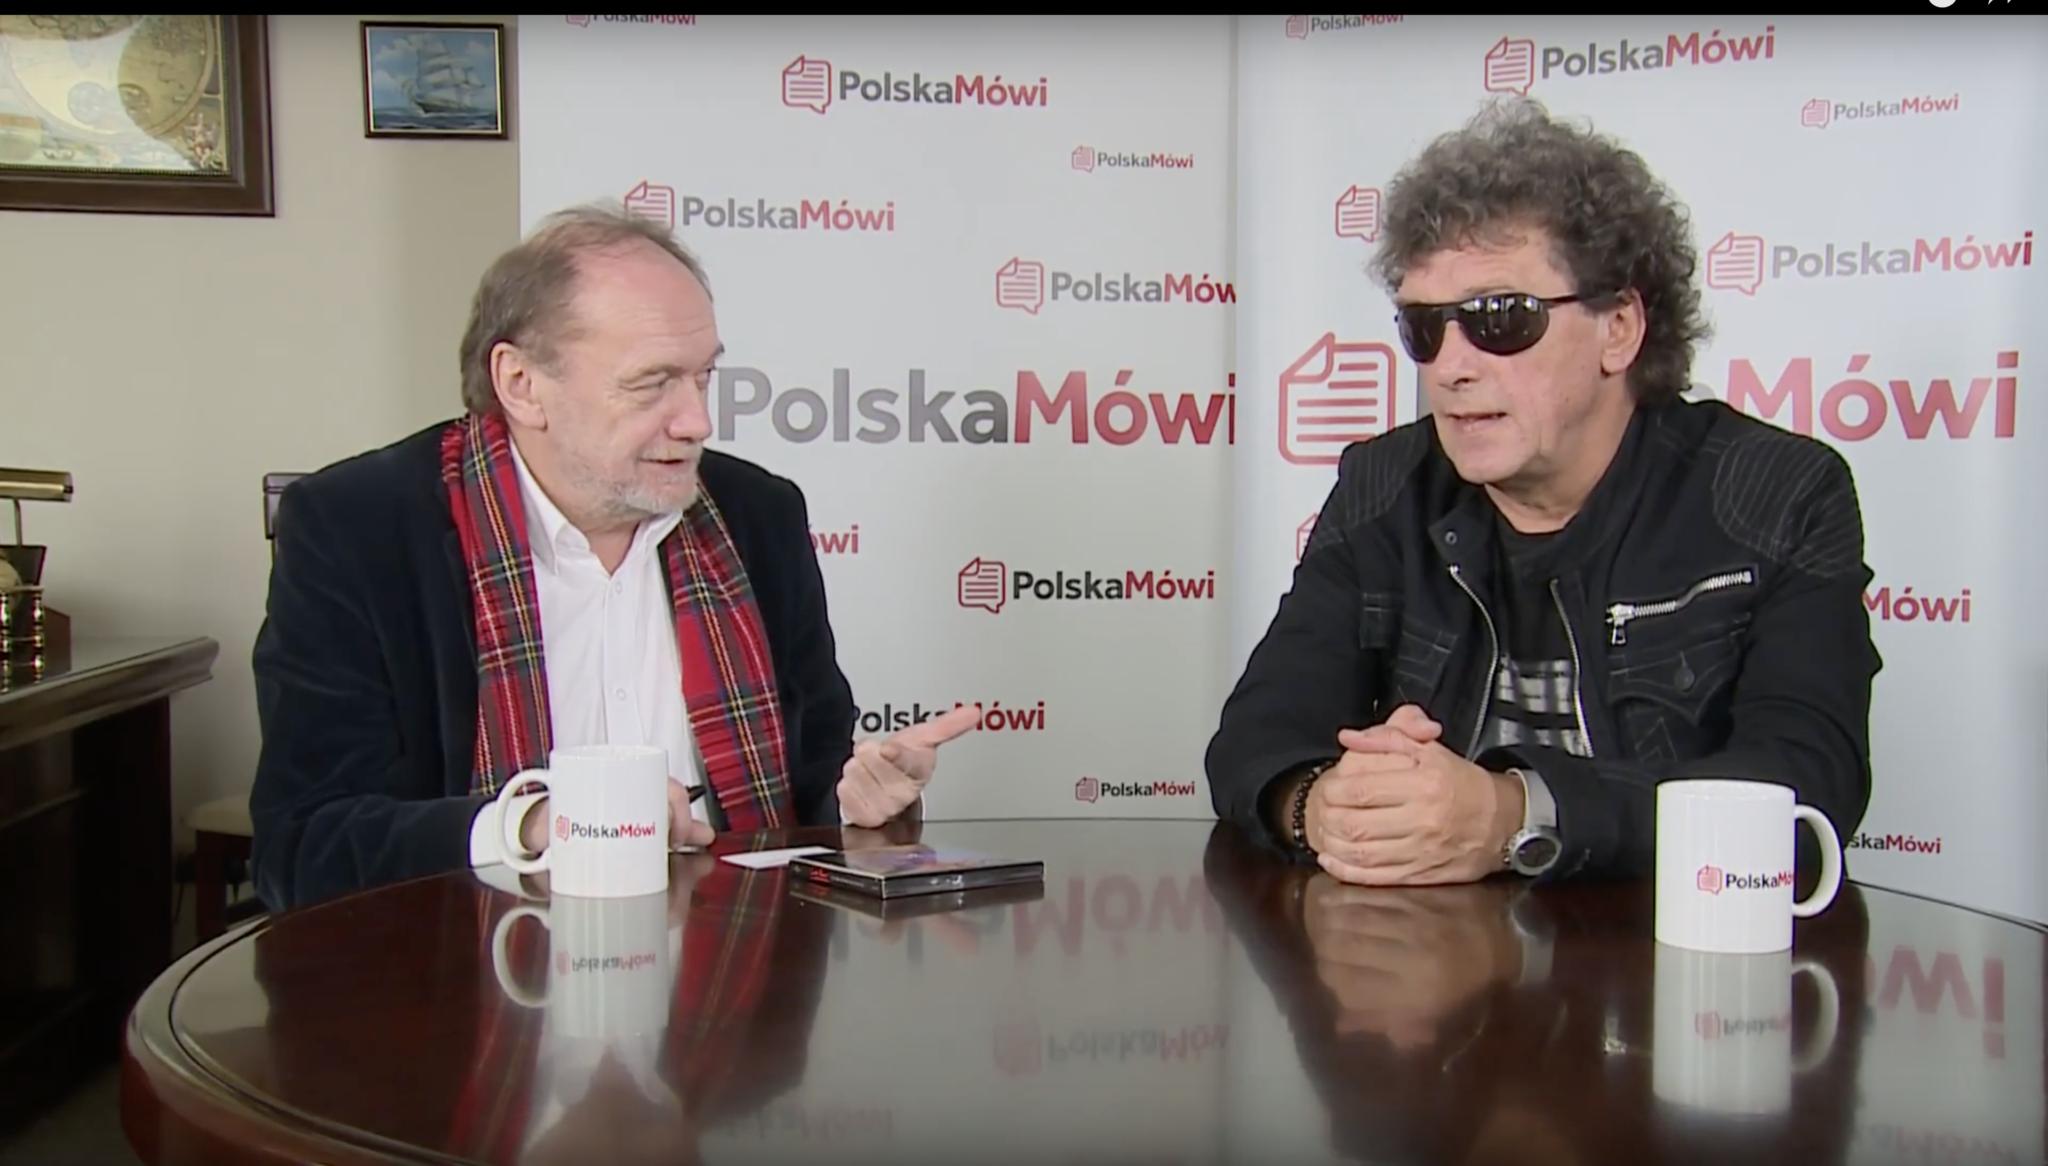 Wkurza mnie głupota, która nie ma ujścia, mówi Janusz Panasewicz dla Polska Mówi VIDEO